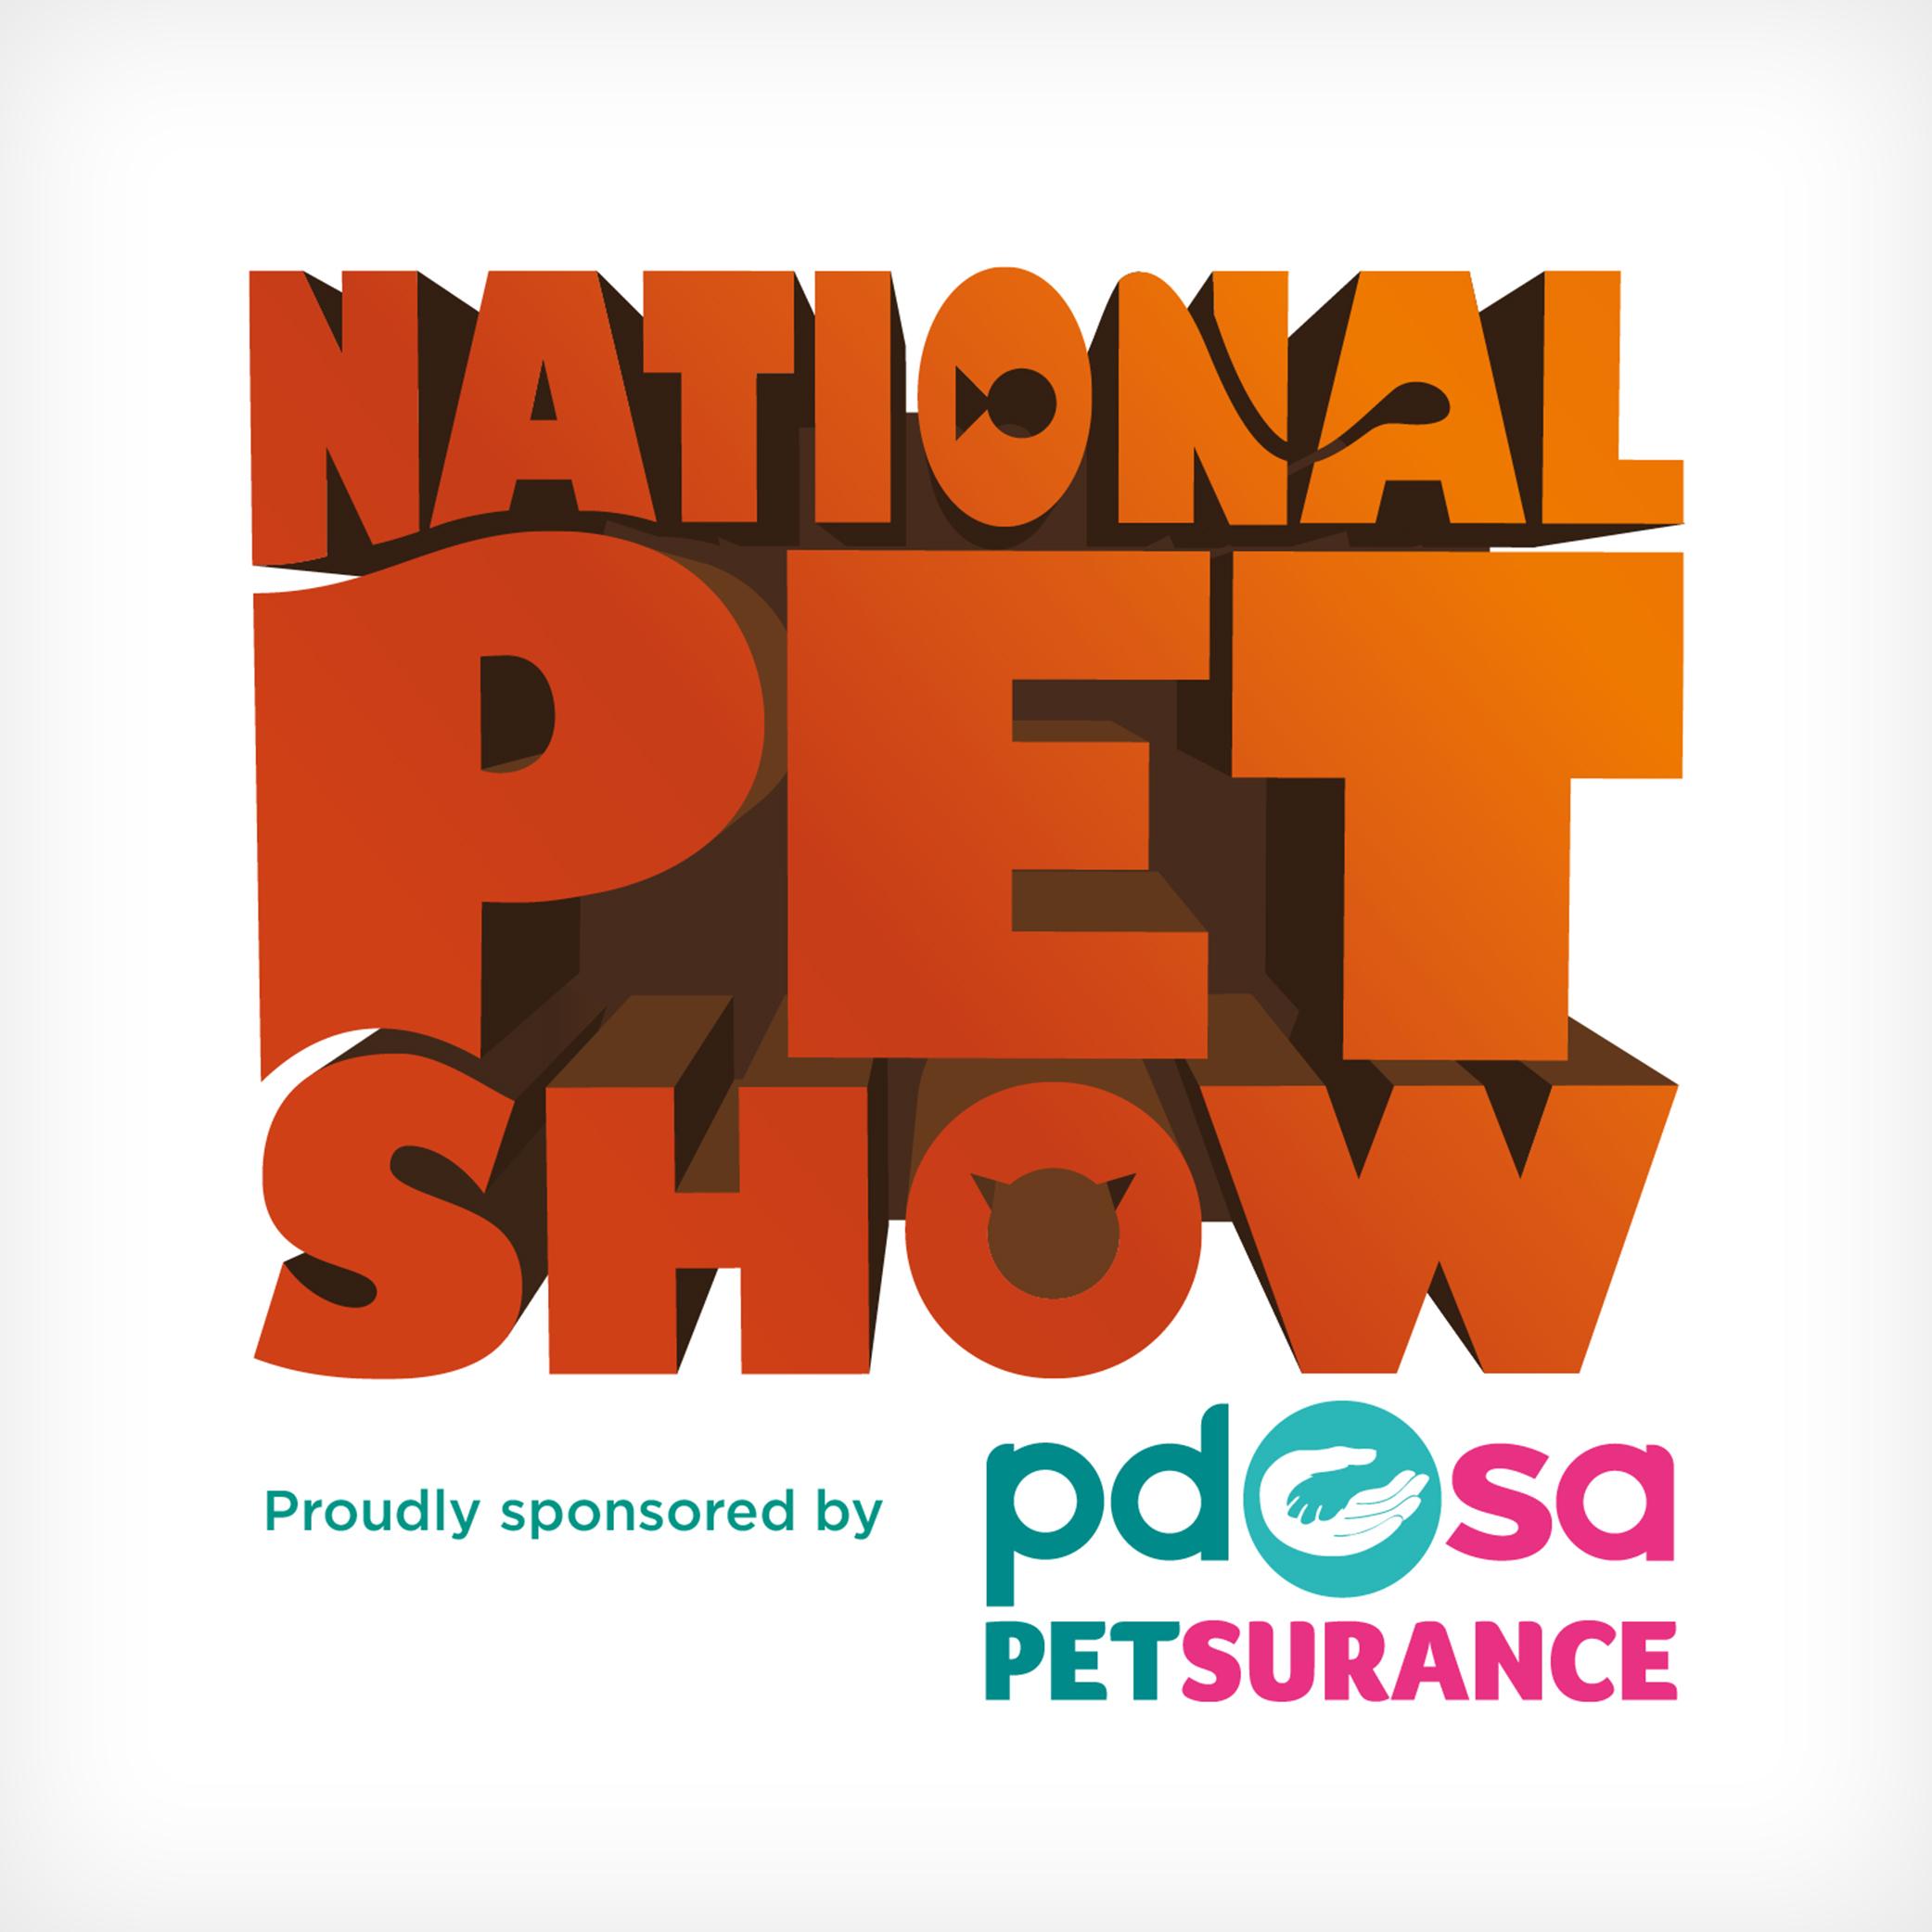 National Pet Show 2018.jpg